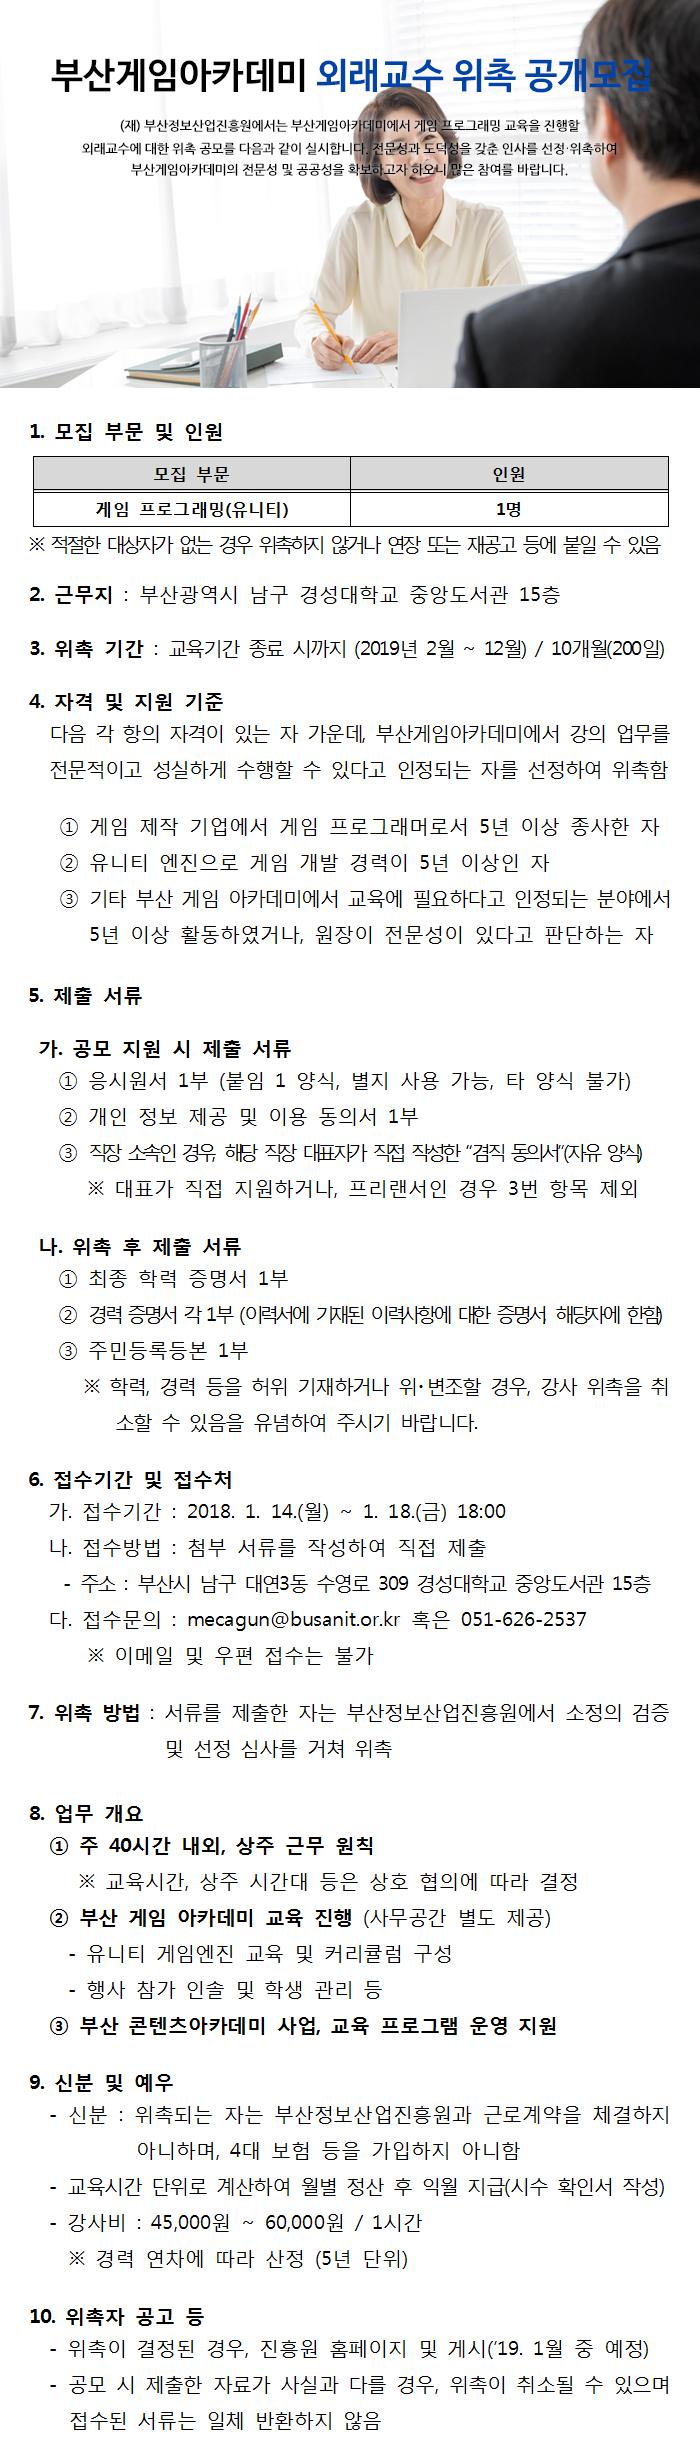 부산게임아카데미 외래교수 위촉 공개모집